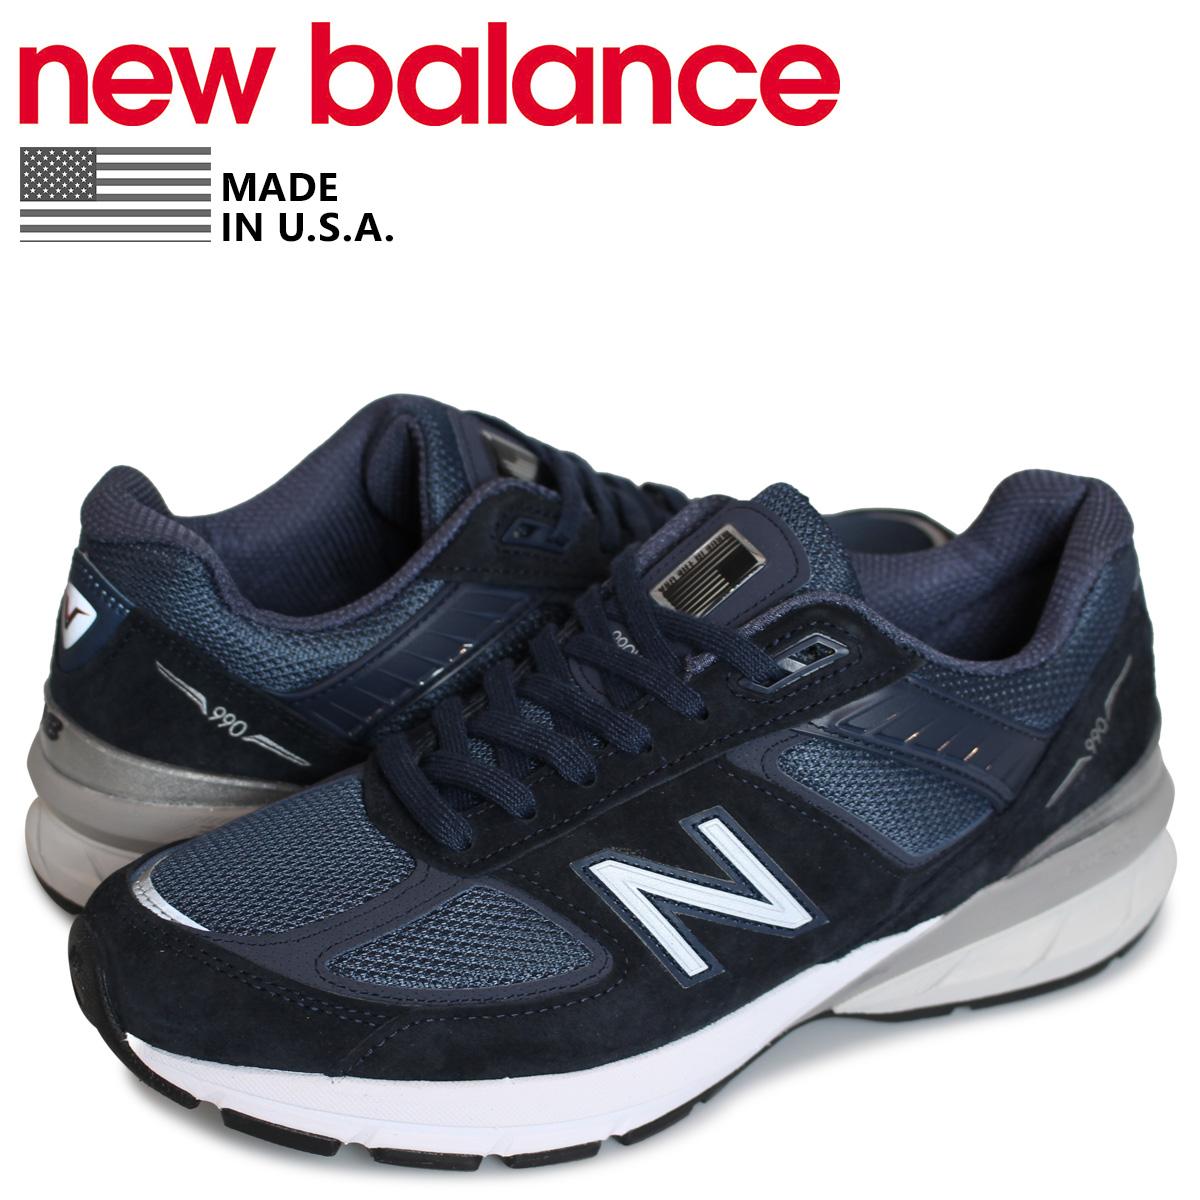 ニューバランス new balance 990 スニーカー メンズ Dワイズ MADE IN USA ネイビー M990NV5 [4/14 追加入荷]